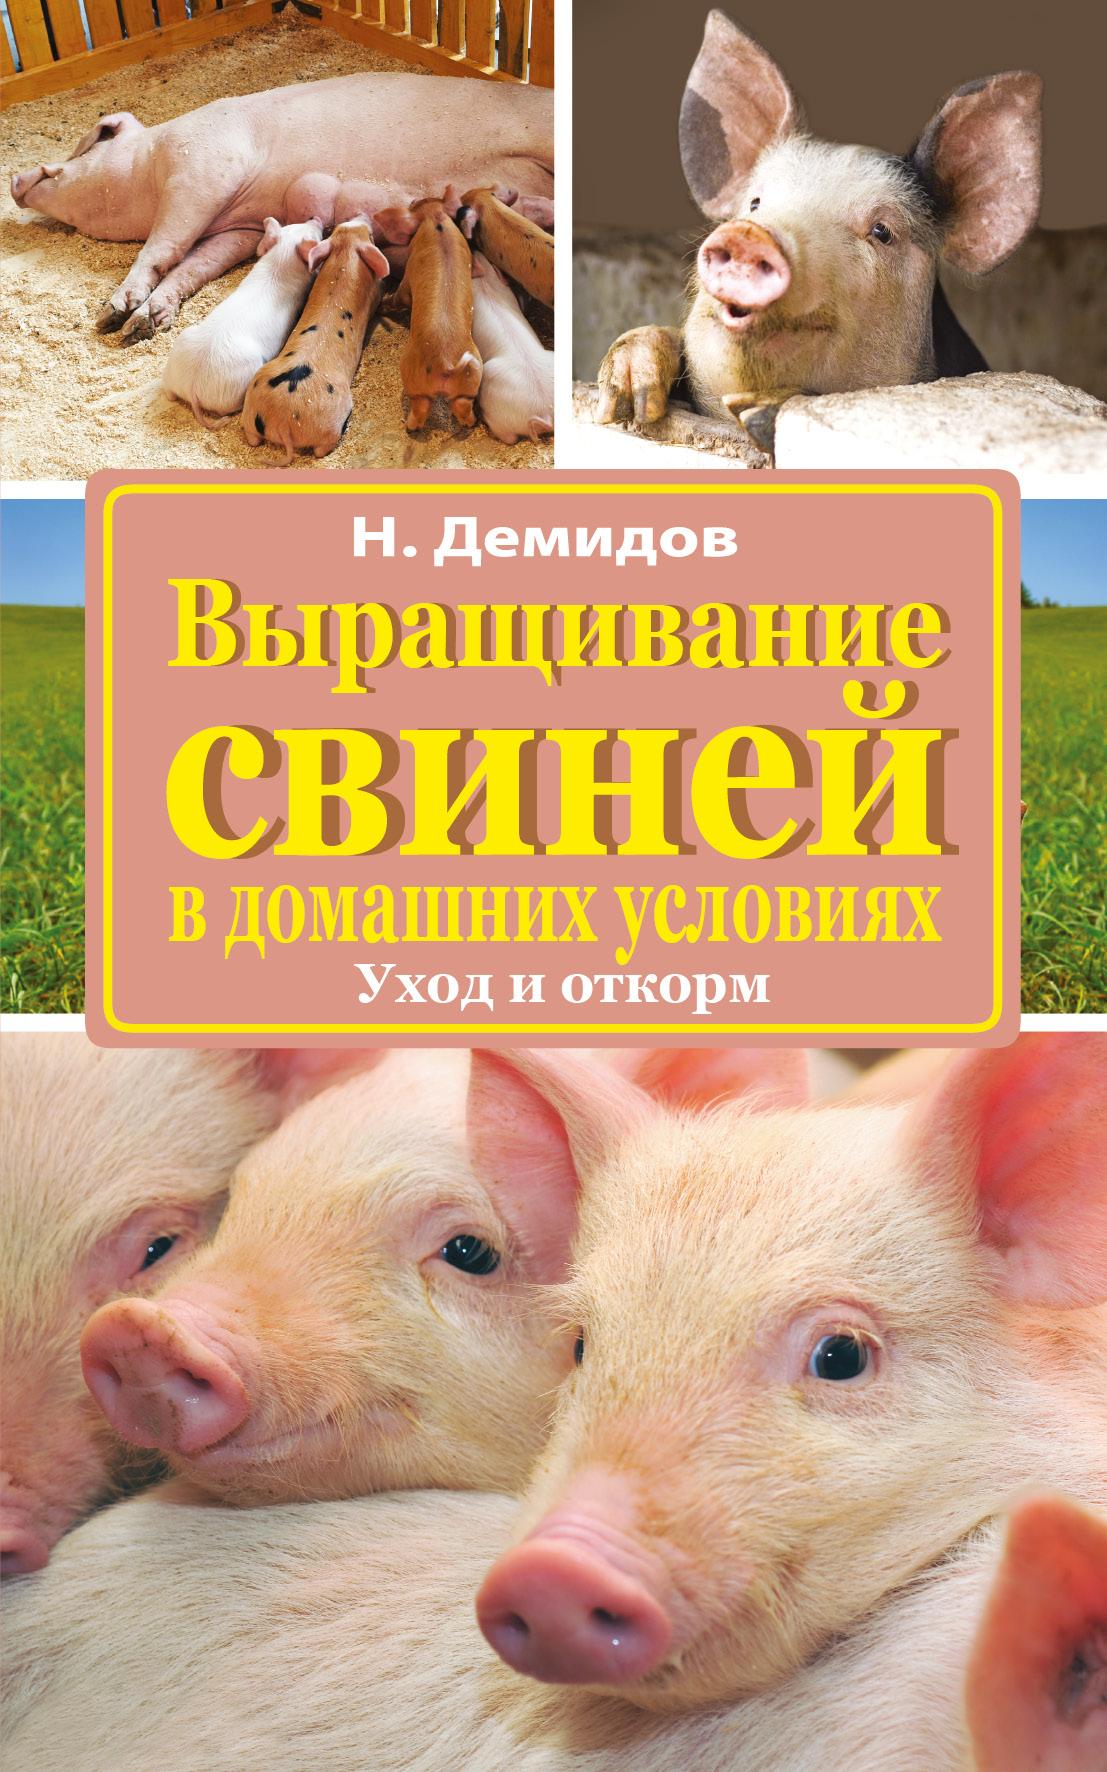 Демидов Н.Д. Выращивание свиней в домашних условиях. Уход и откорм